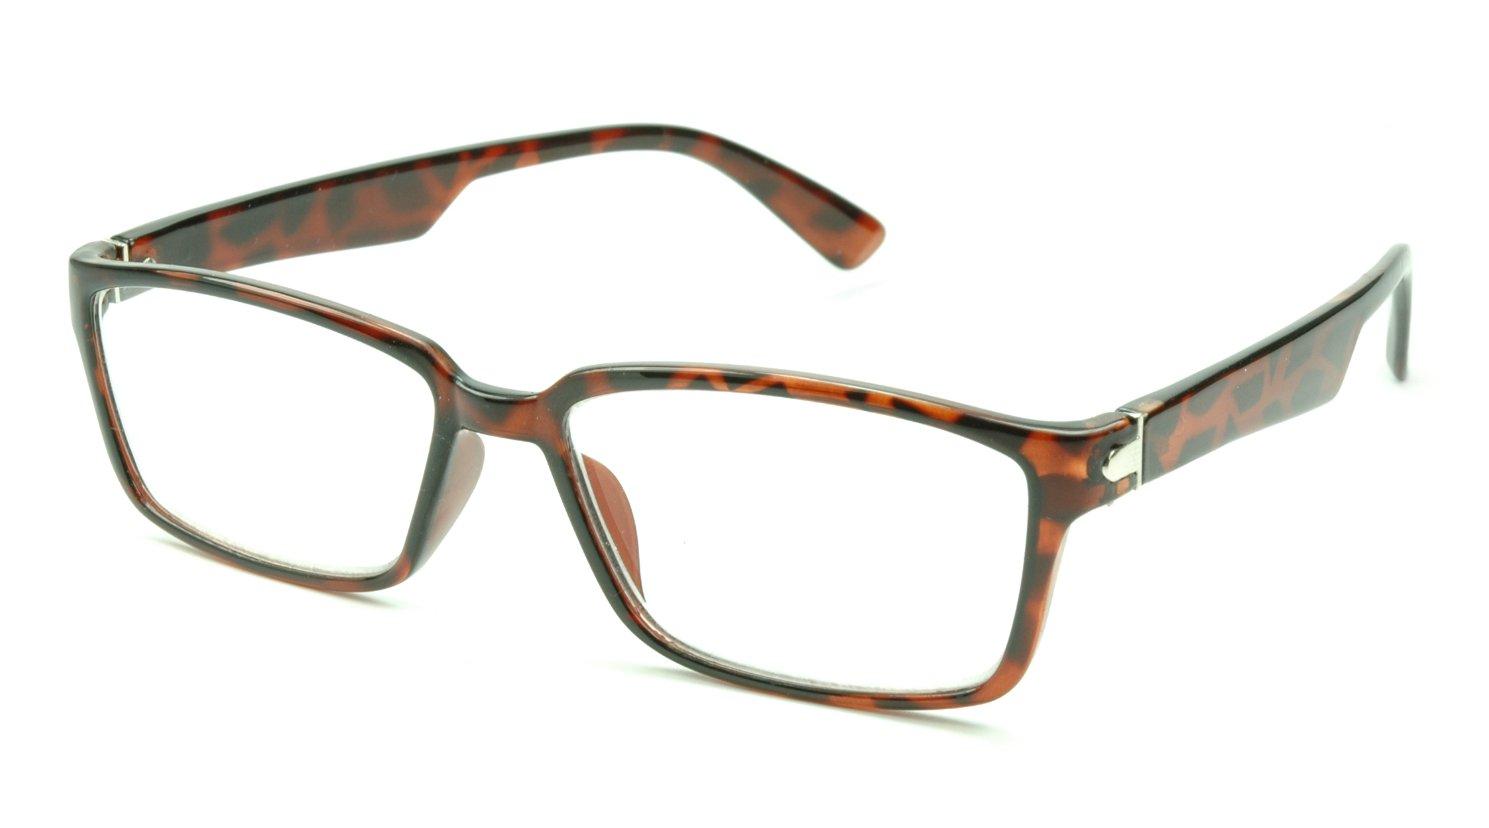 Image of Visa Reading Glasses (#111210) Tortoise Brown